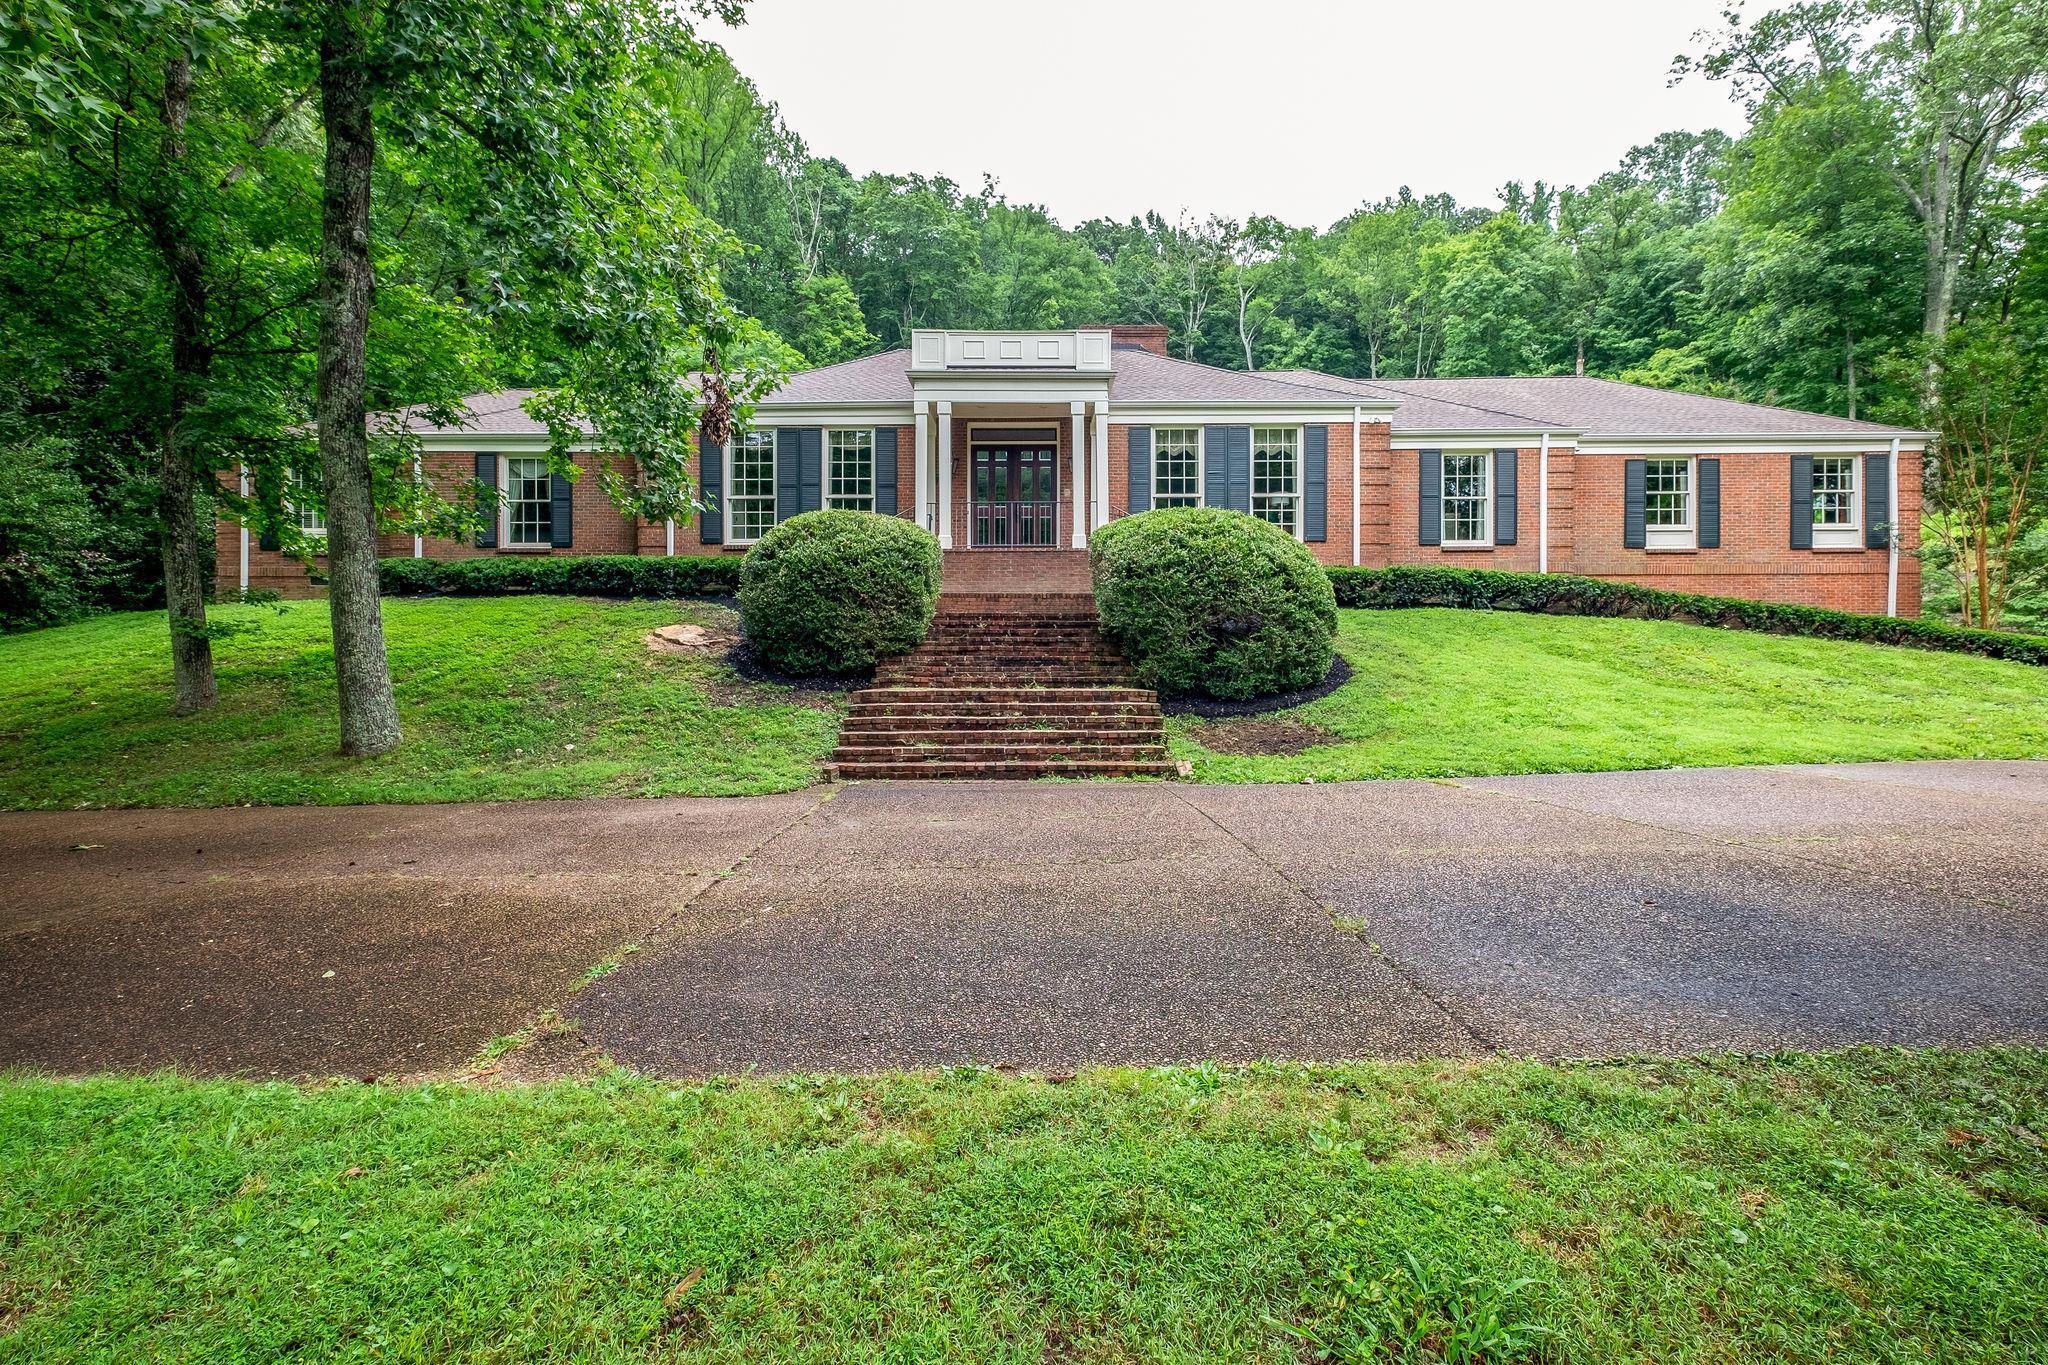 $1,439,900 - 5Br/6Ba -  for Sale in Chickering Estates, Nashville